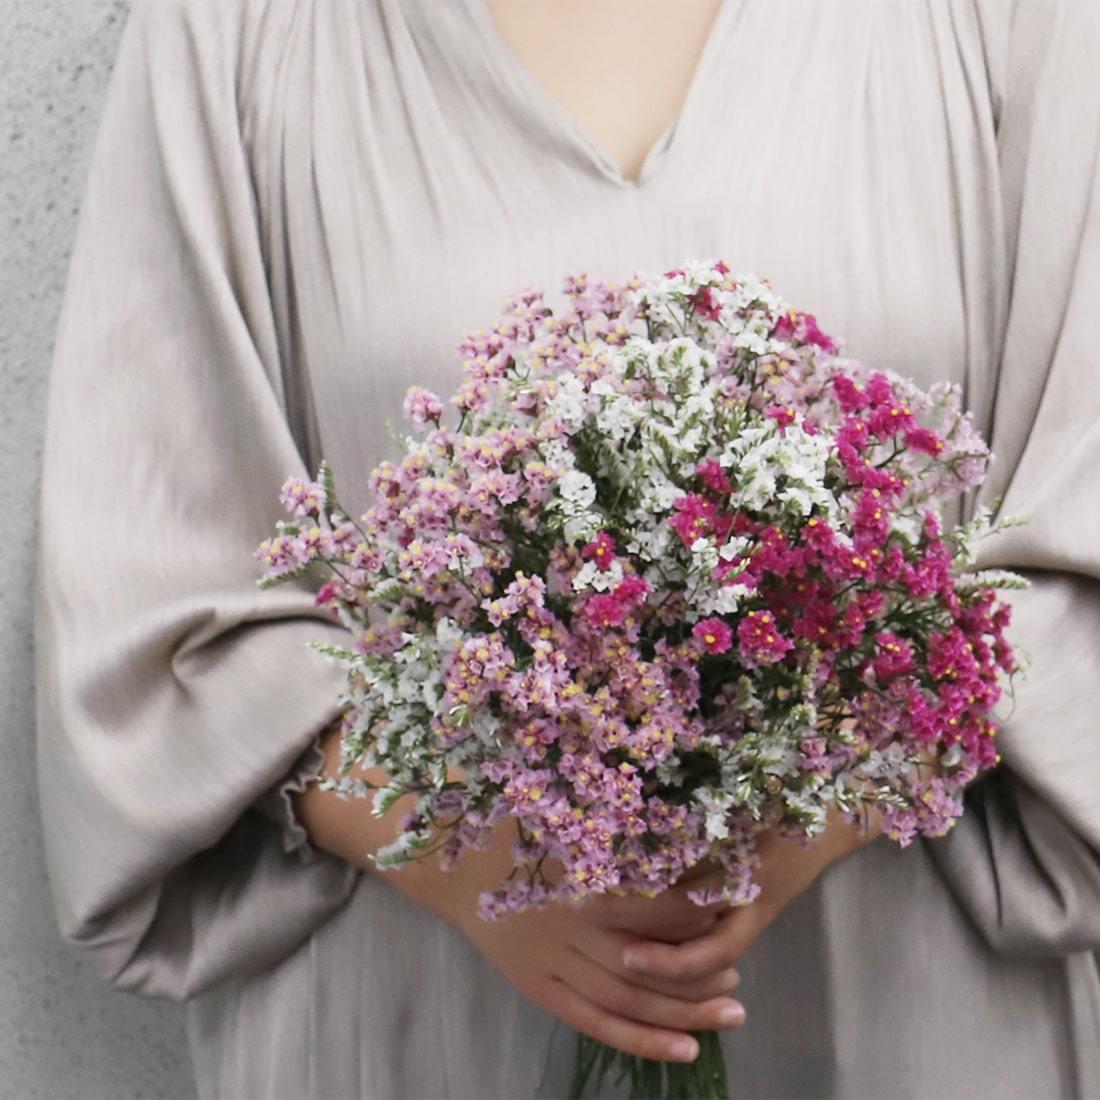 カラフルな萼が美しい、スターチス。ドライフラワーと言えばシックな色のイメージがありますが、花色がきれいに残るため、贈りものにおすすめです。